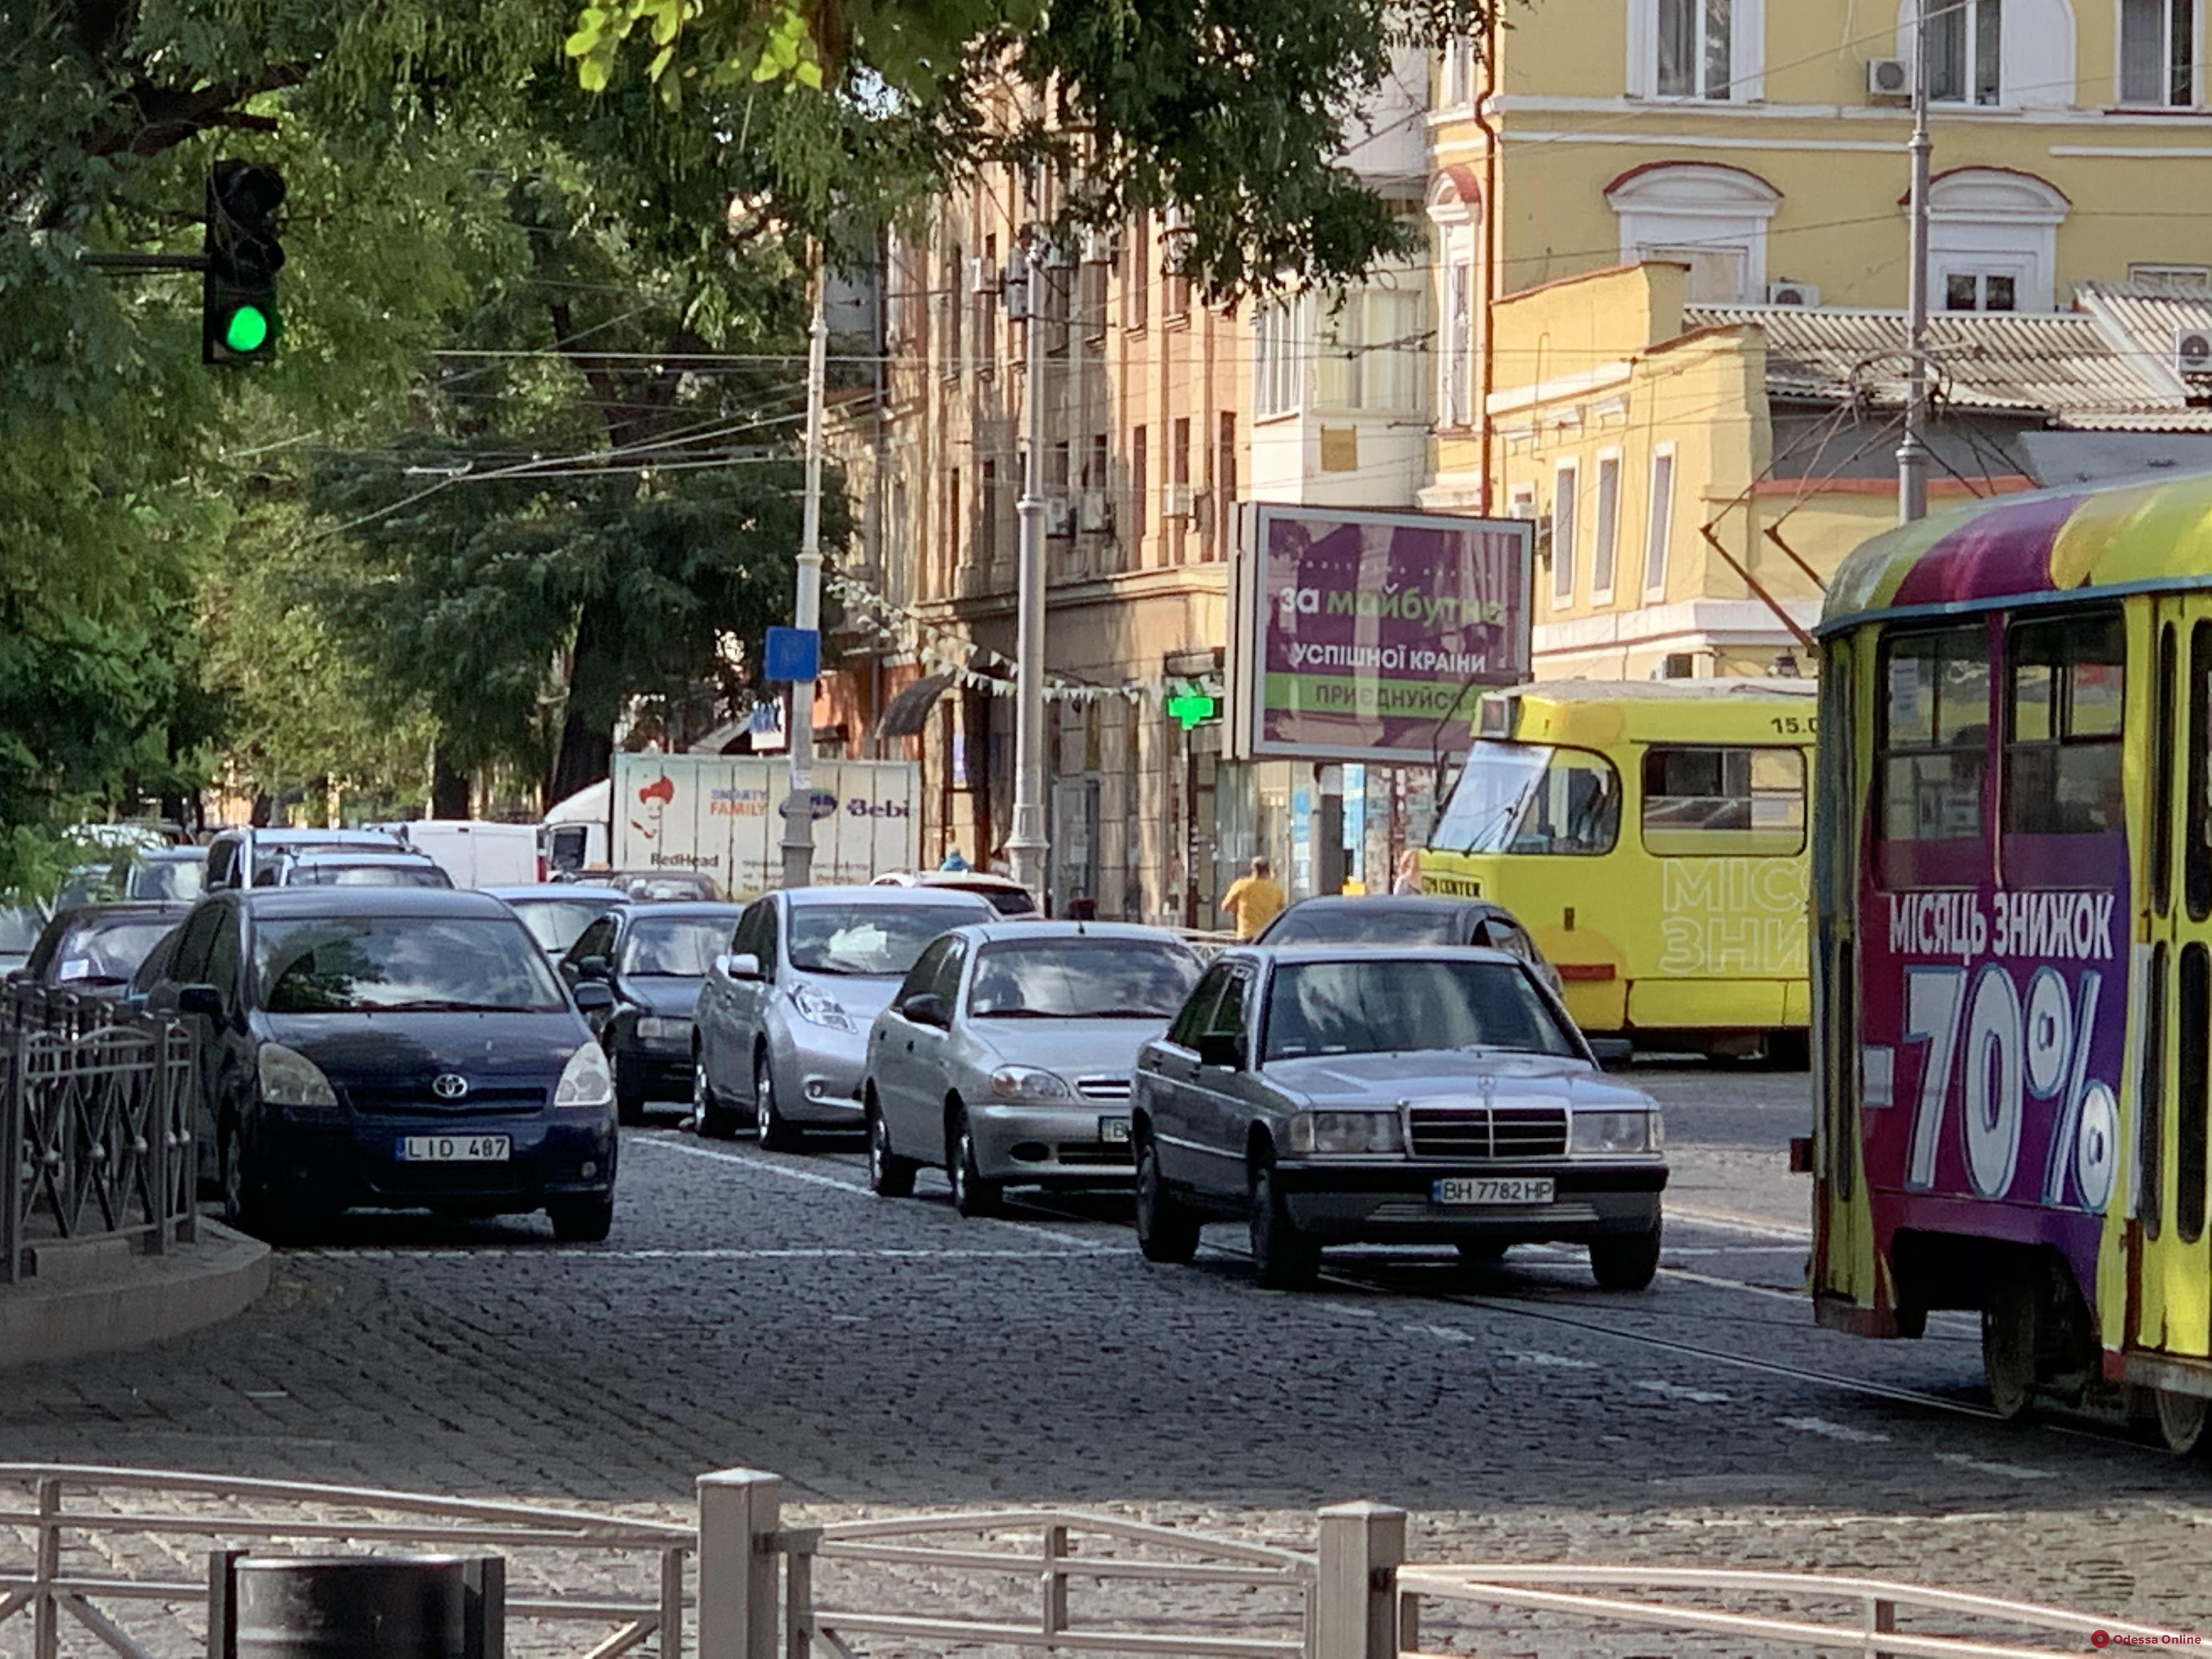 Дорожная обстановка в Одессе: большие пробки на поселке Котовского